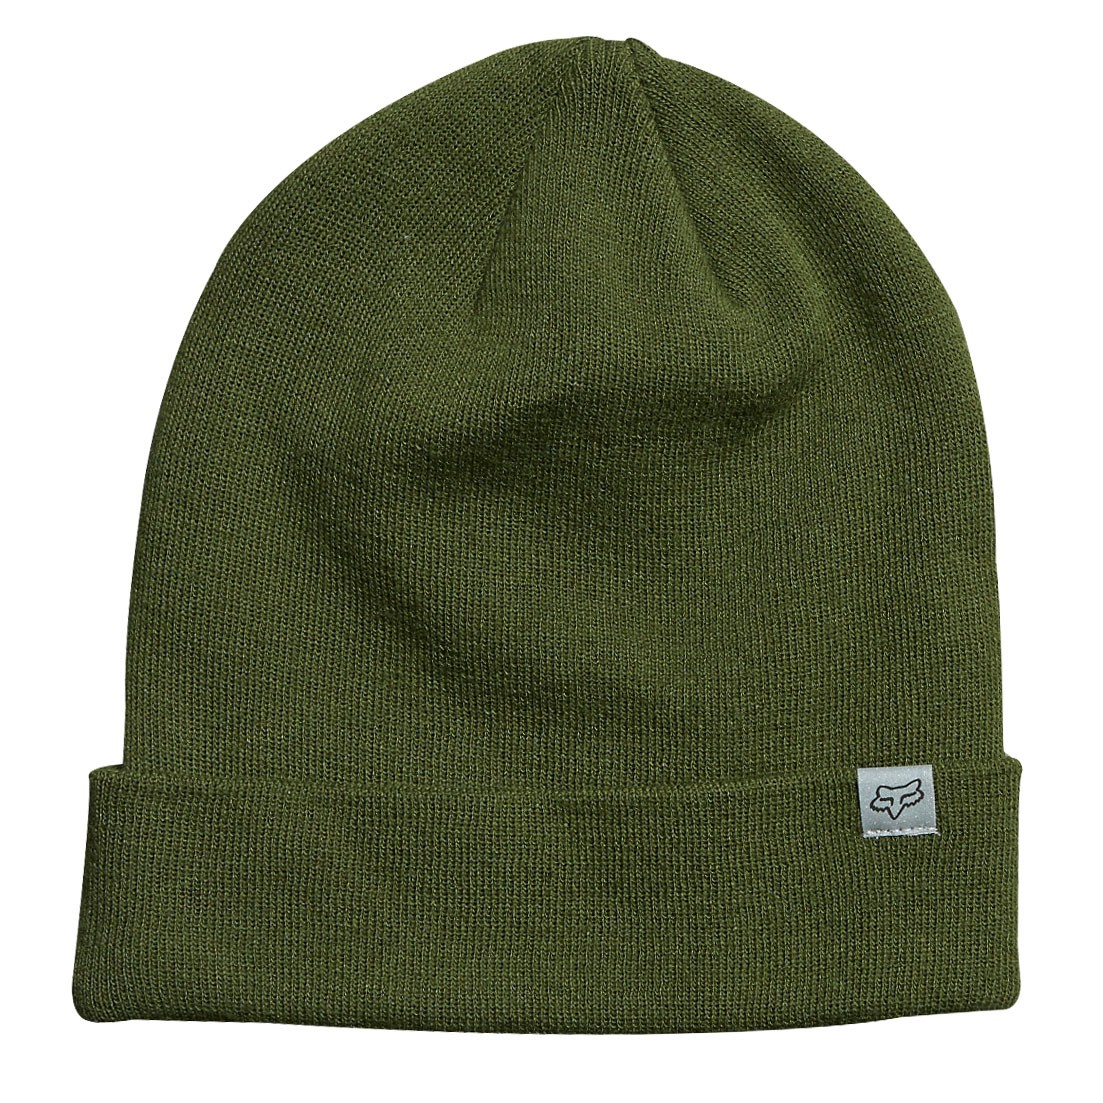 Zimní čepice Fox Lenght fatigue green